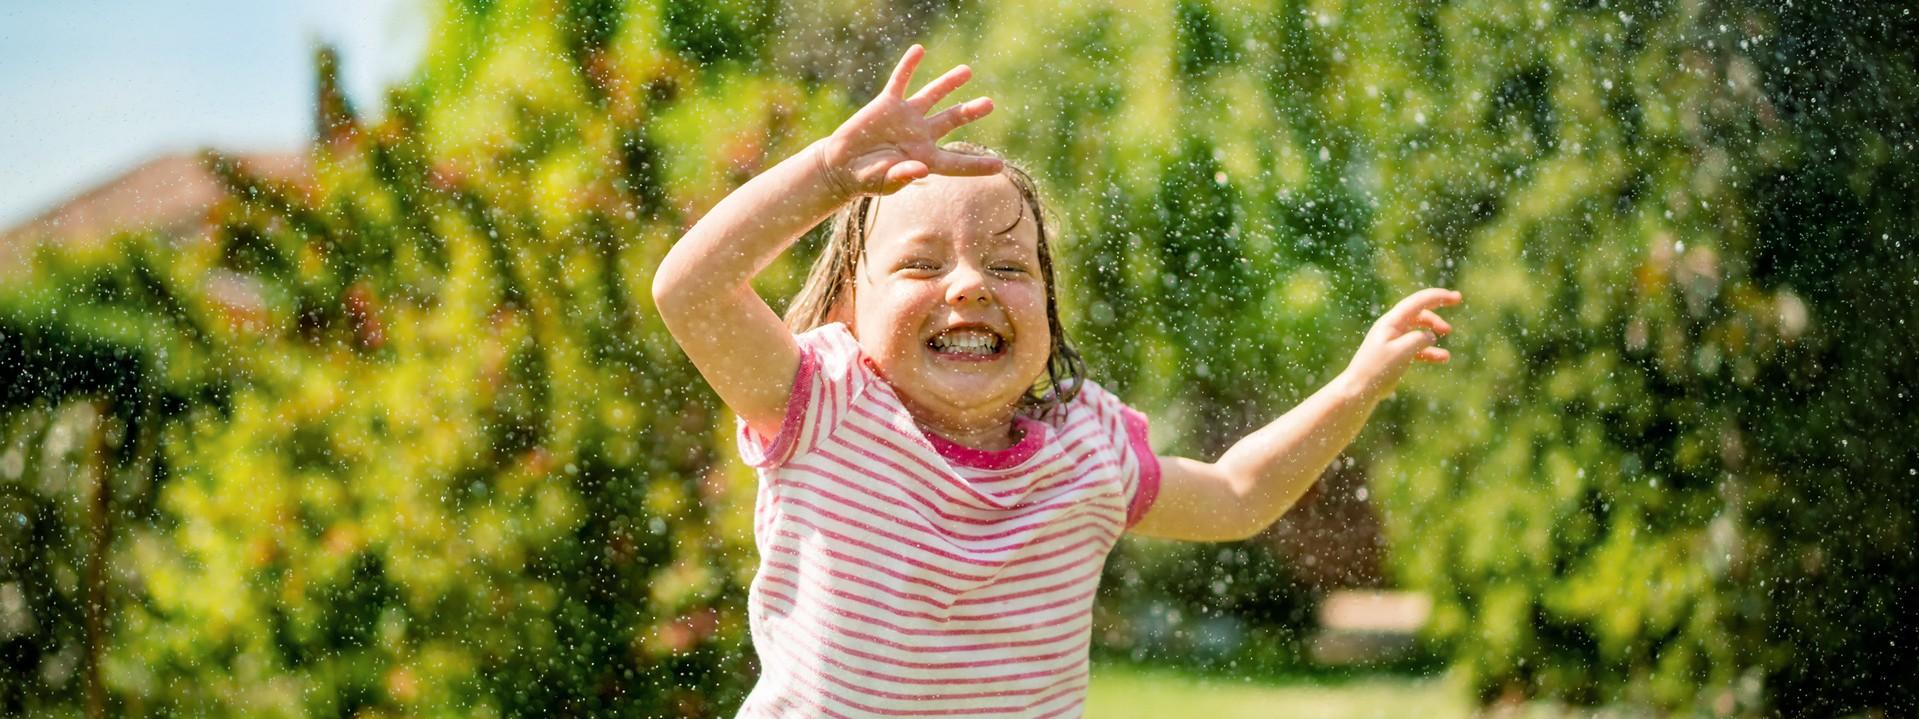 Kind wird nass gespritzt